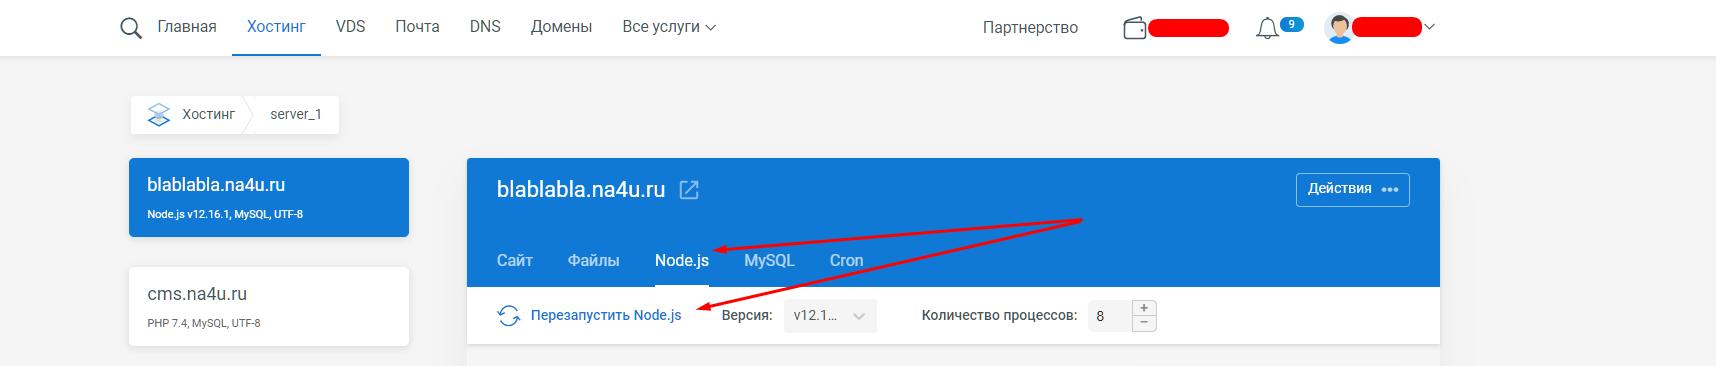 перезапуск node.js на хостинге